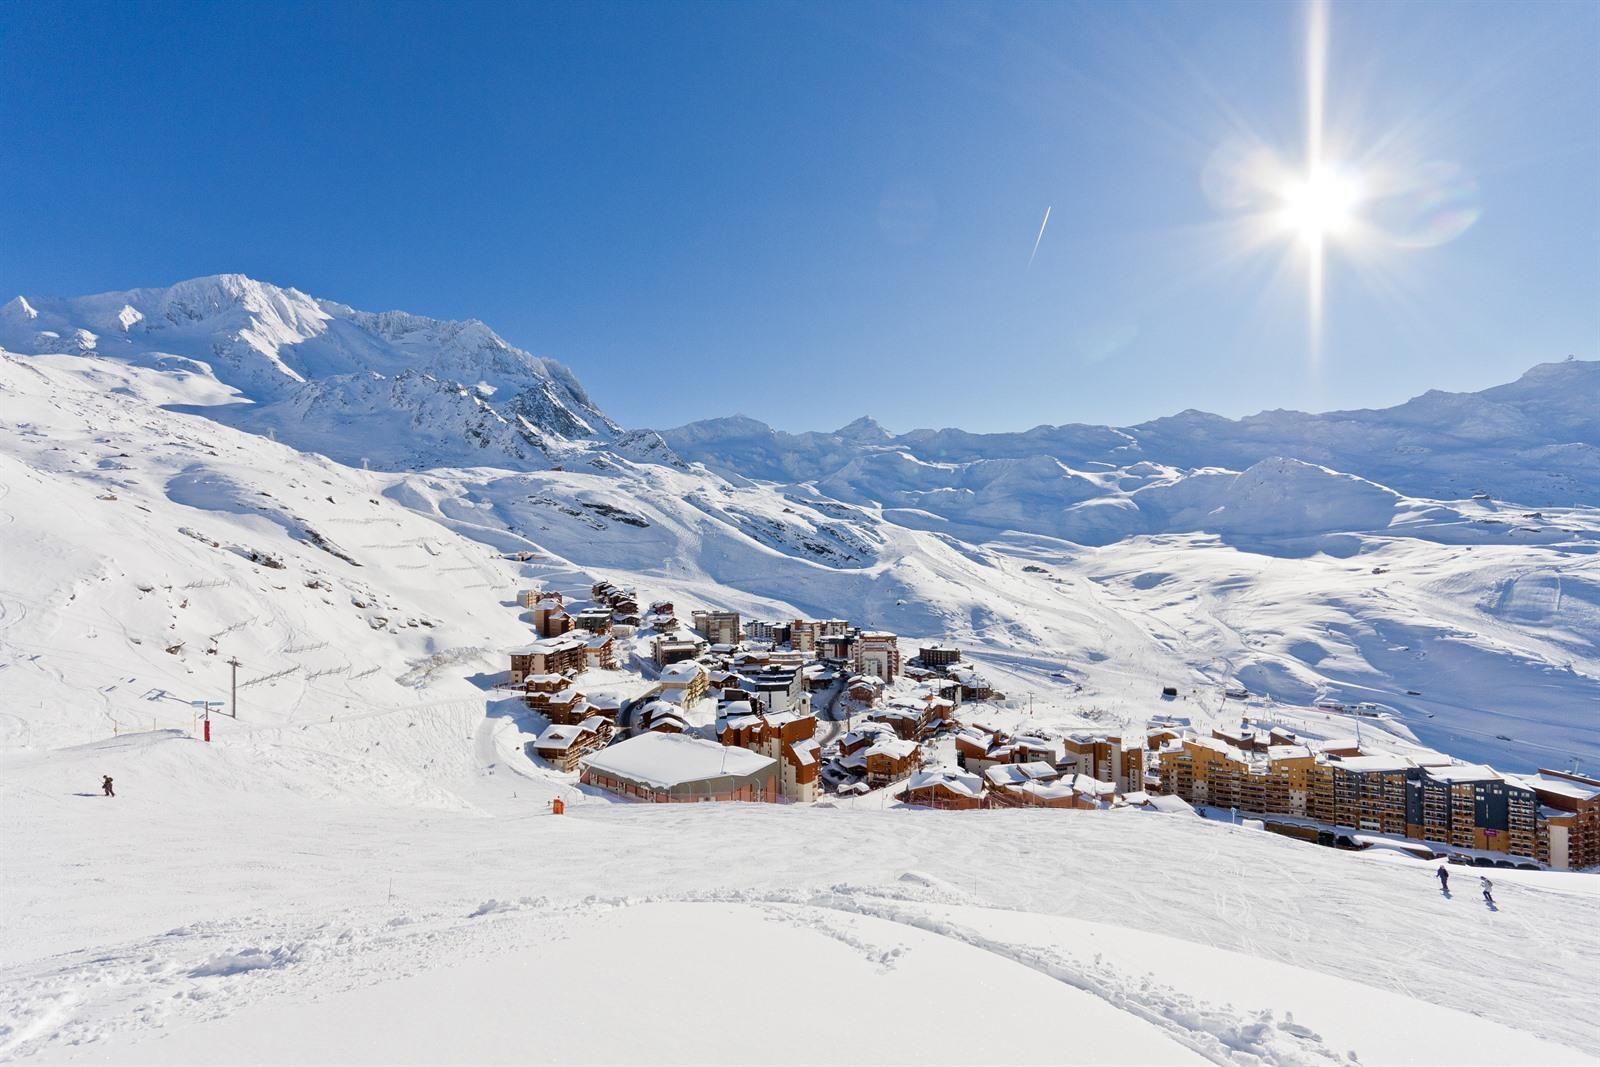 Лучшие-горнолыжные-курорты-Европы-Валь-Торанс, бафф